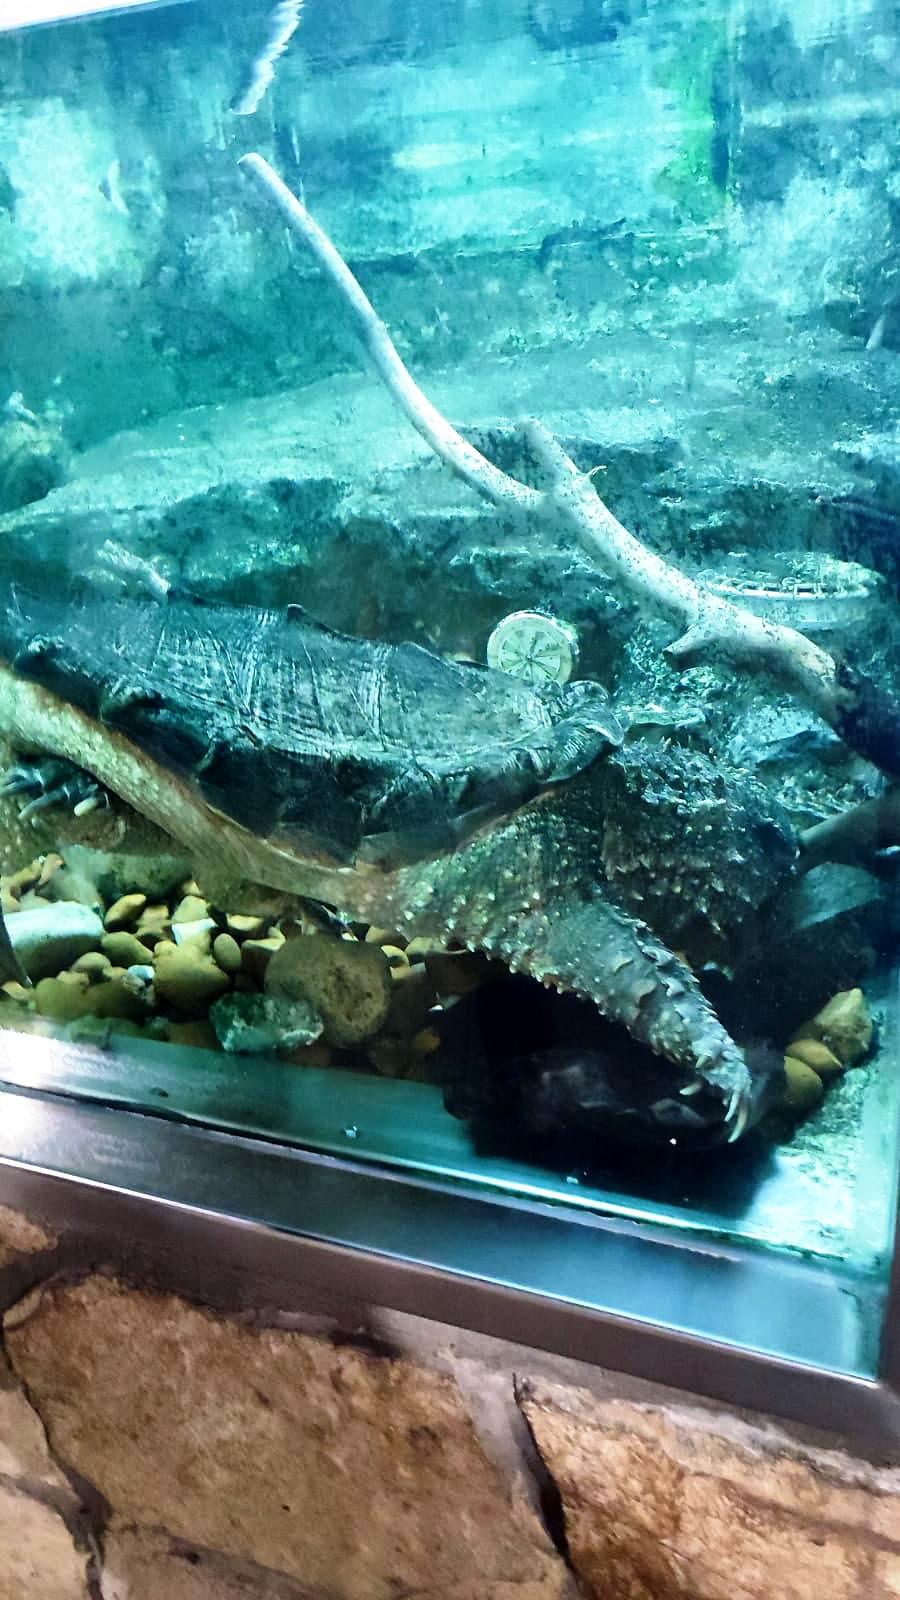 10. Охотится на рыбу черепаха замечательным образом. Она неподвижно лежит на дне, полузарывшись в ил, и, широко разинув пасть, высовывает тонкий червеобразный кончик языка, окрашенный в ярко-розовый цвет. Извивающийся «червяк» служит прекрасной приманкой